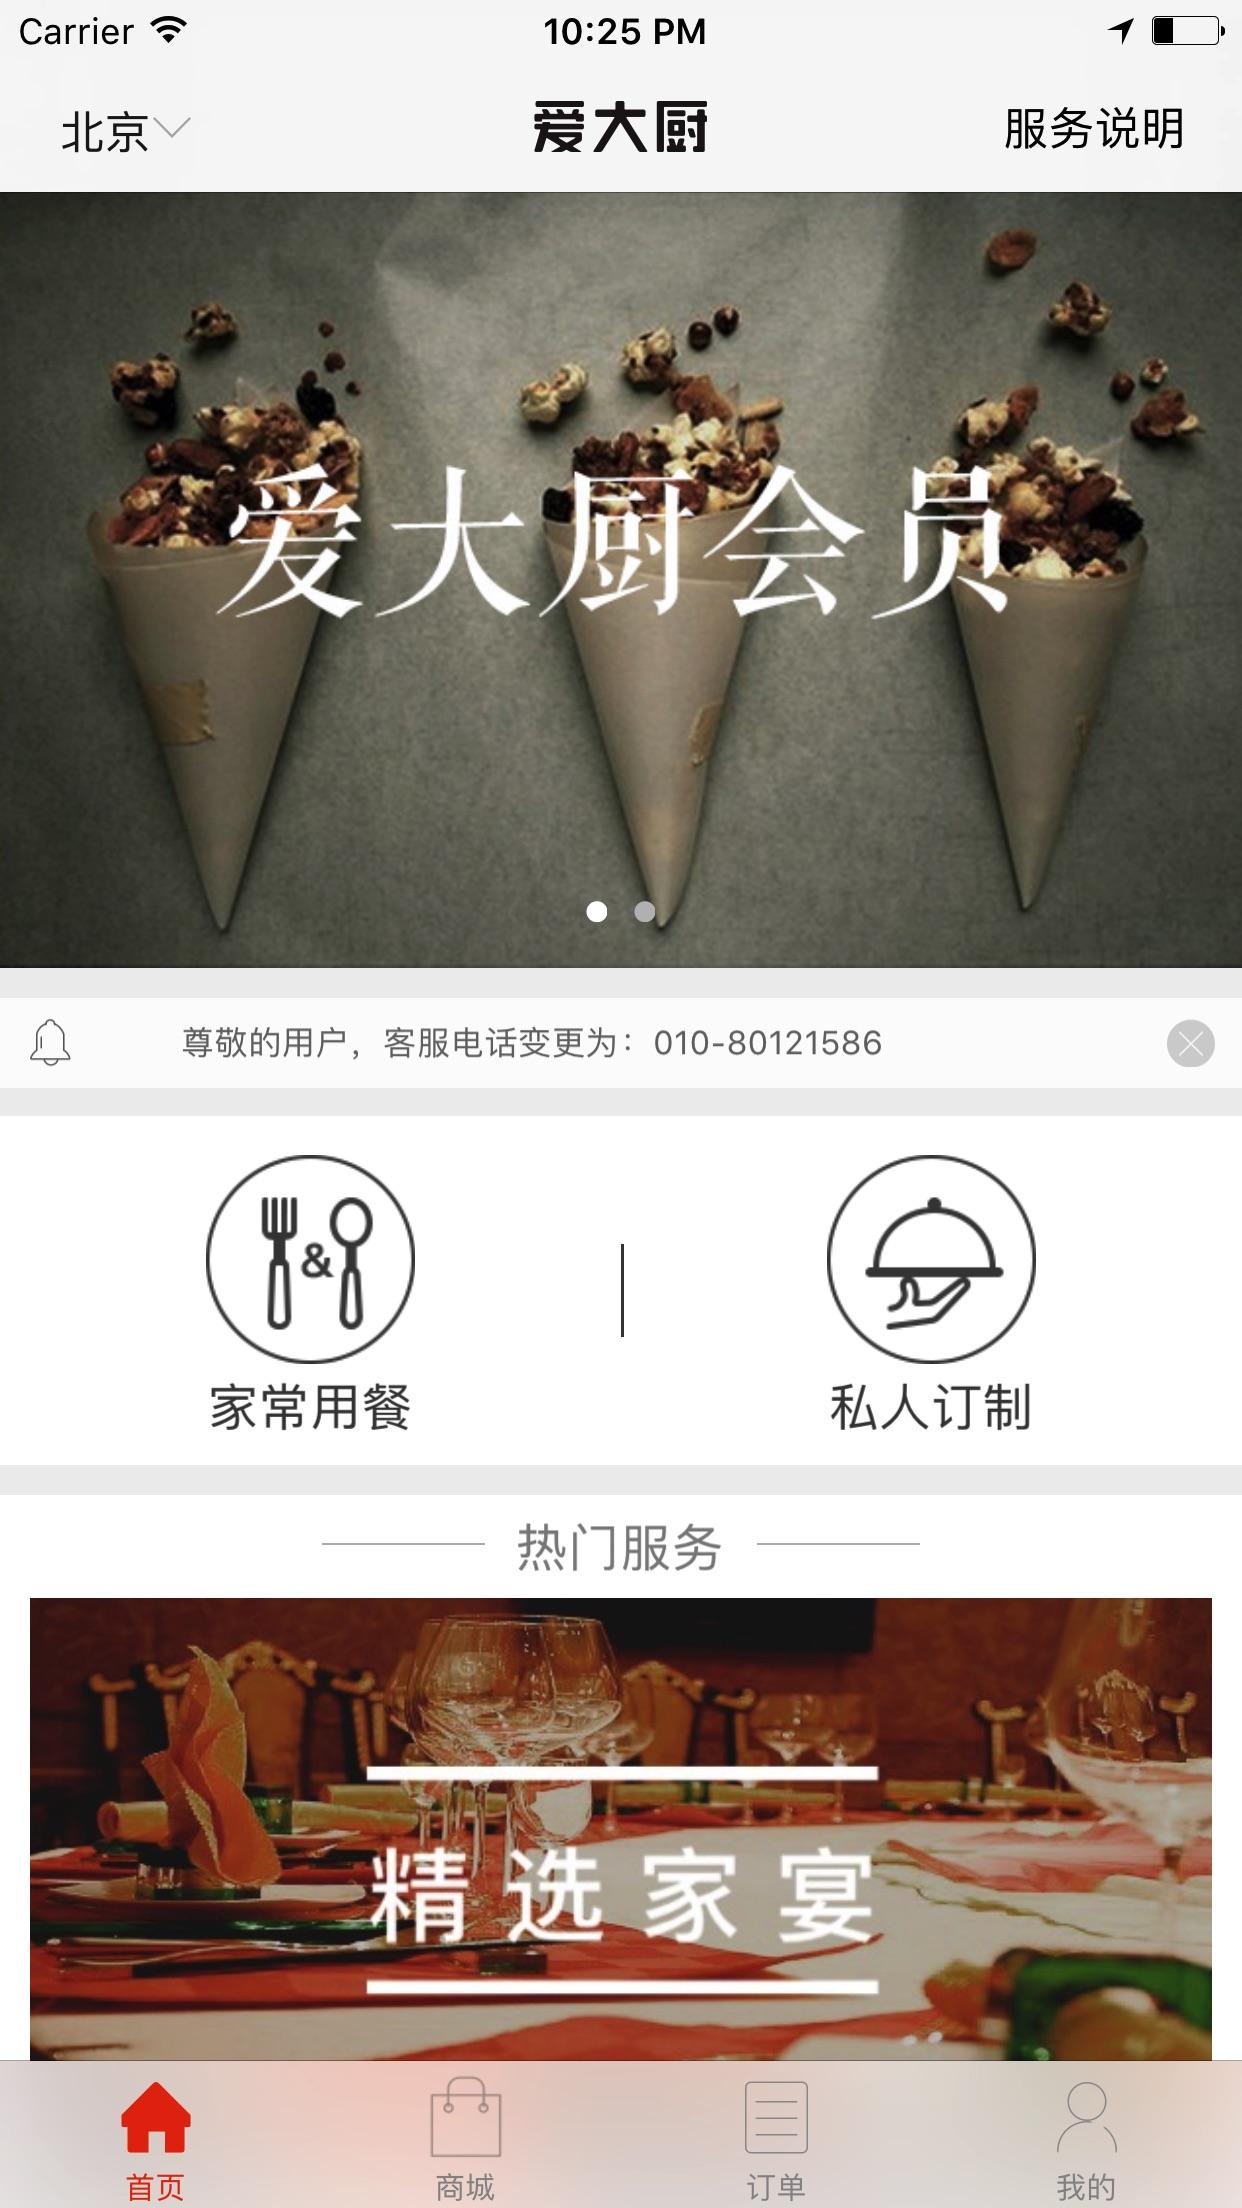 爱大厨-预约厨师上门做菜 Screenshot